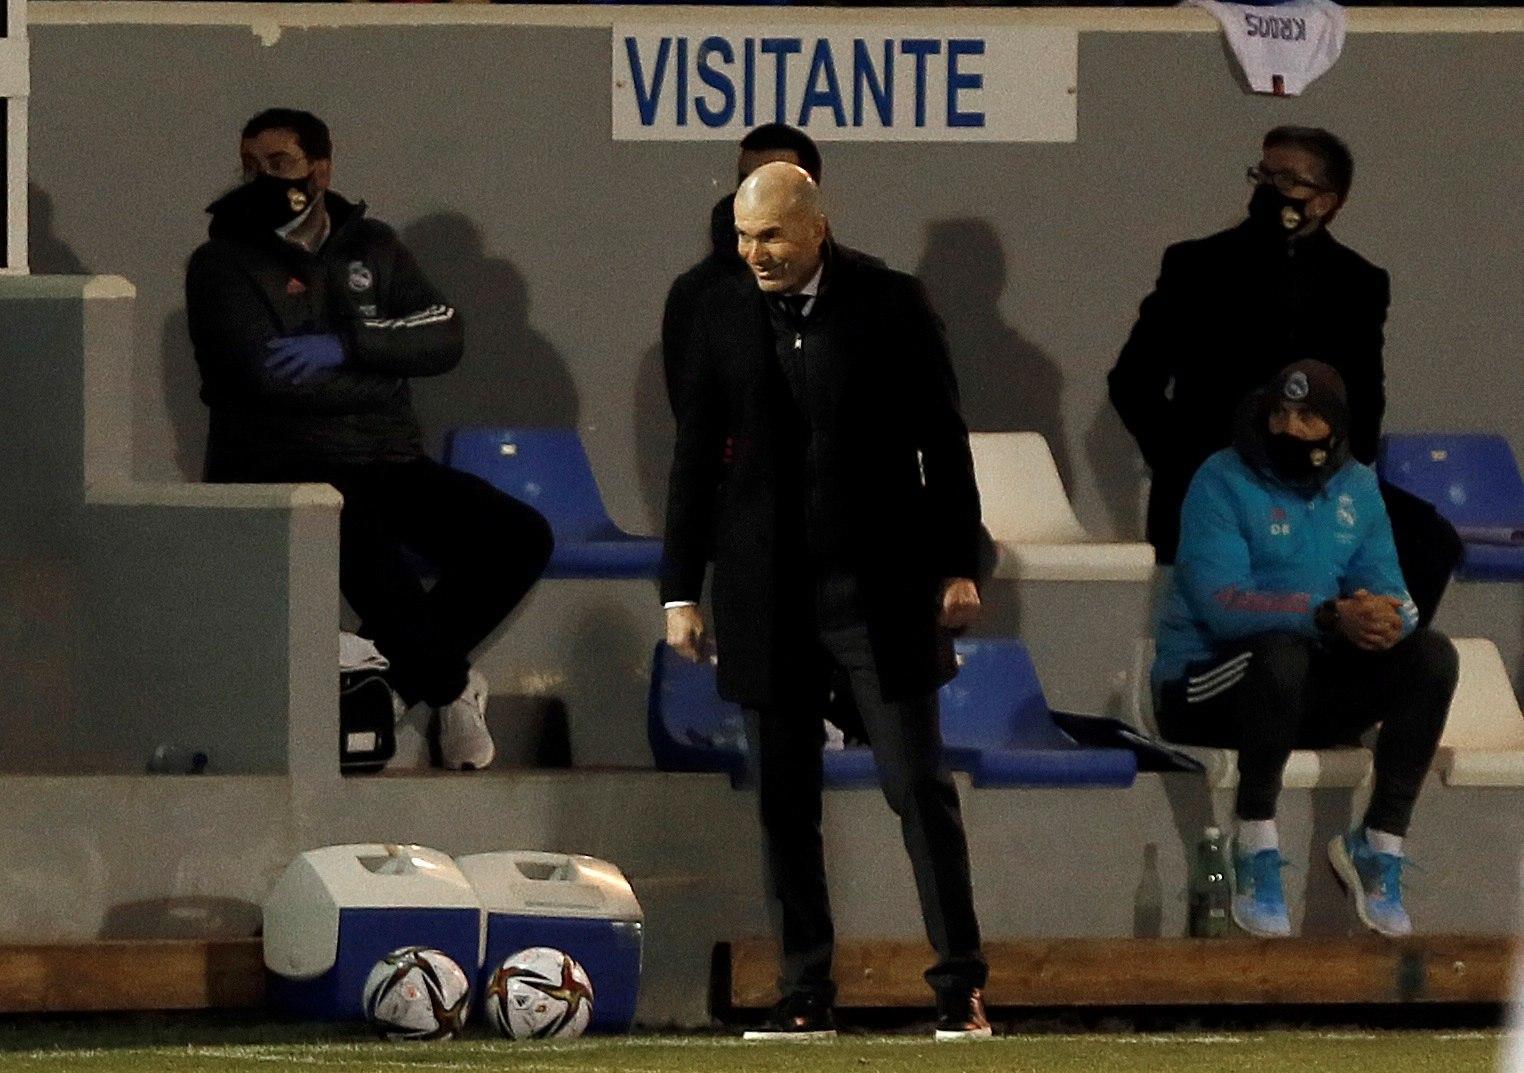 Jorge Barraza analiza la situación de Zinedine Zidane en el Real Madrid - Fútbol Internacional - Deportes